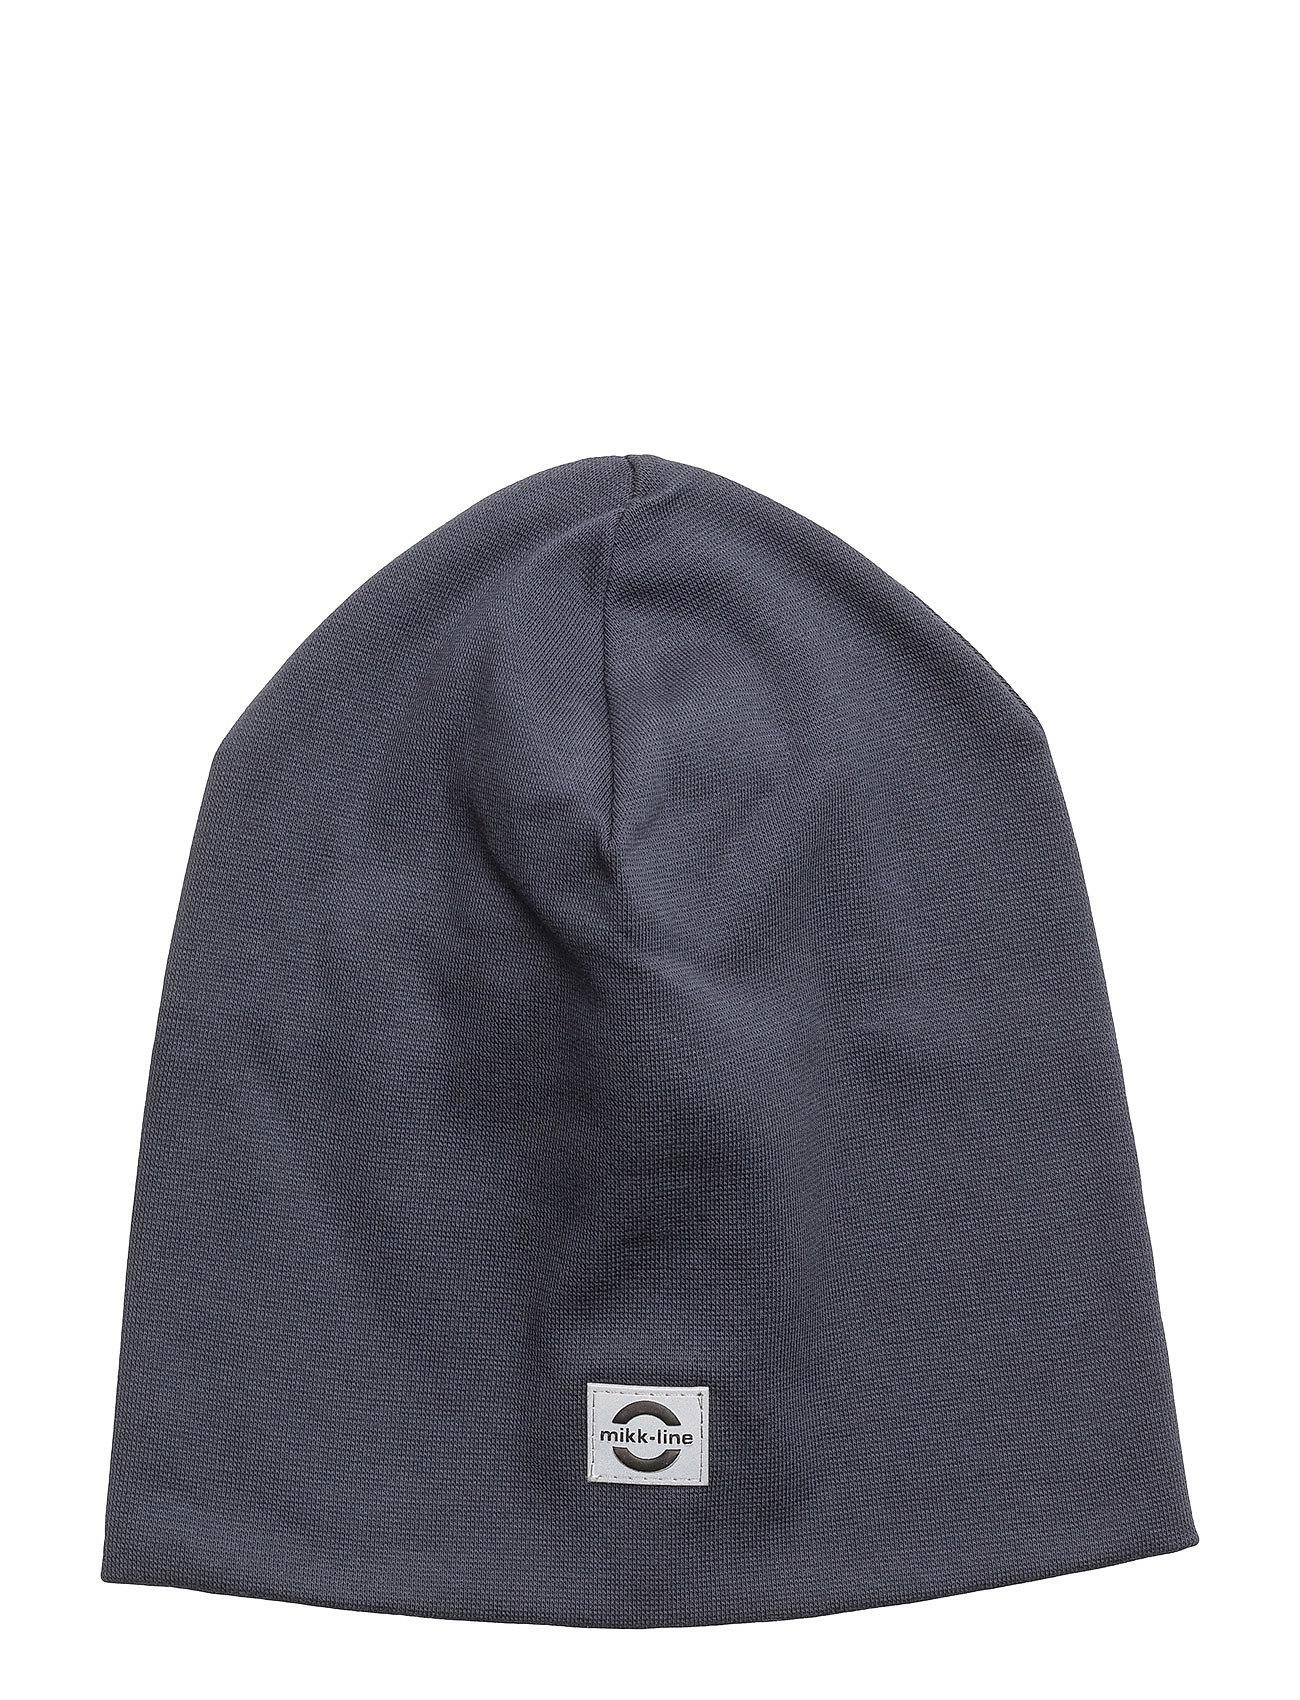 Image of Cotton Hat - Solid Hue Blå MIKK-LINE (3119379927)